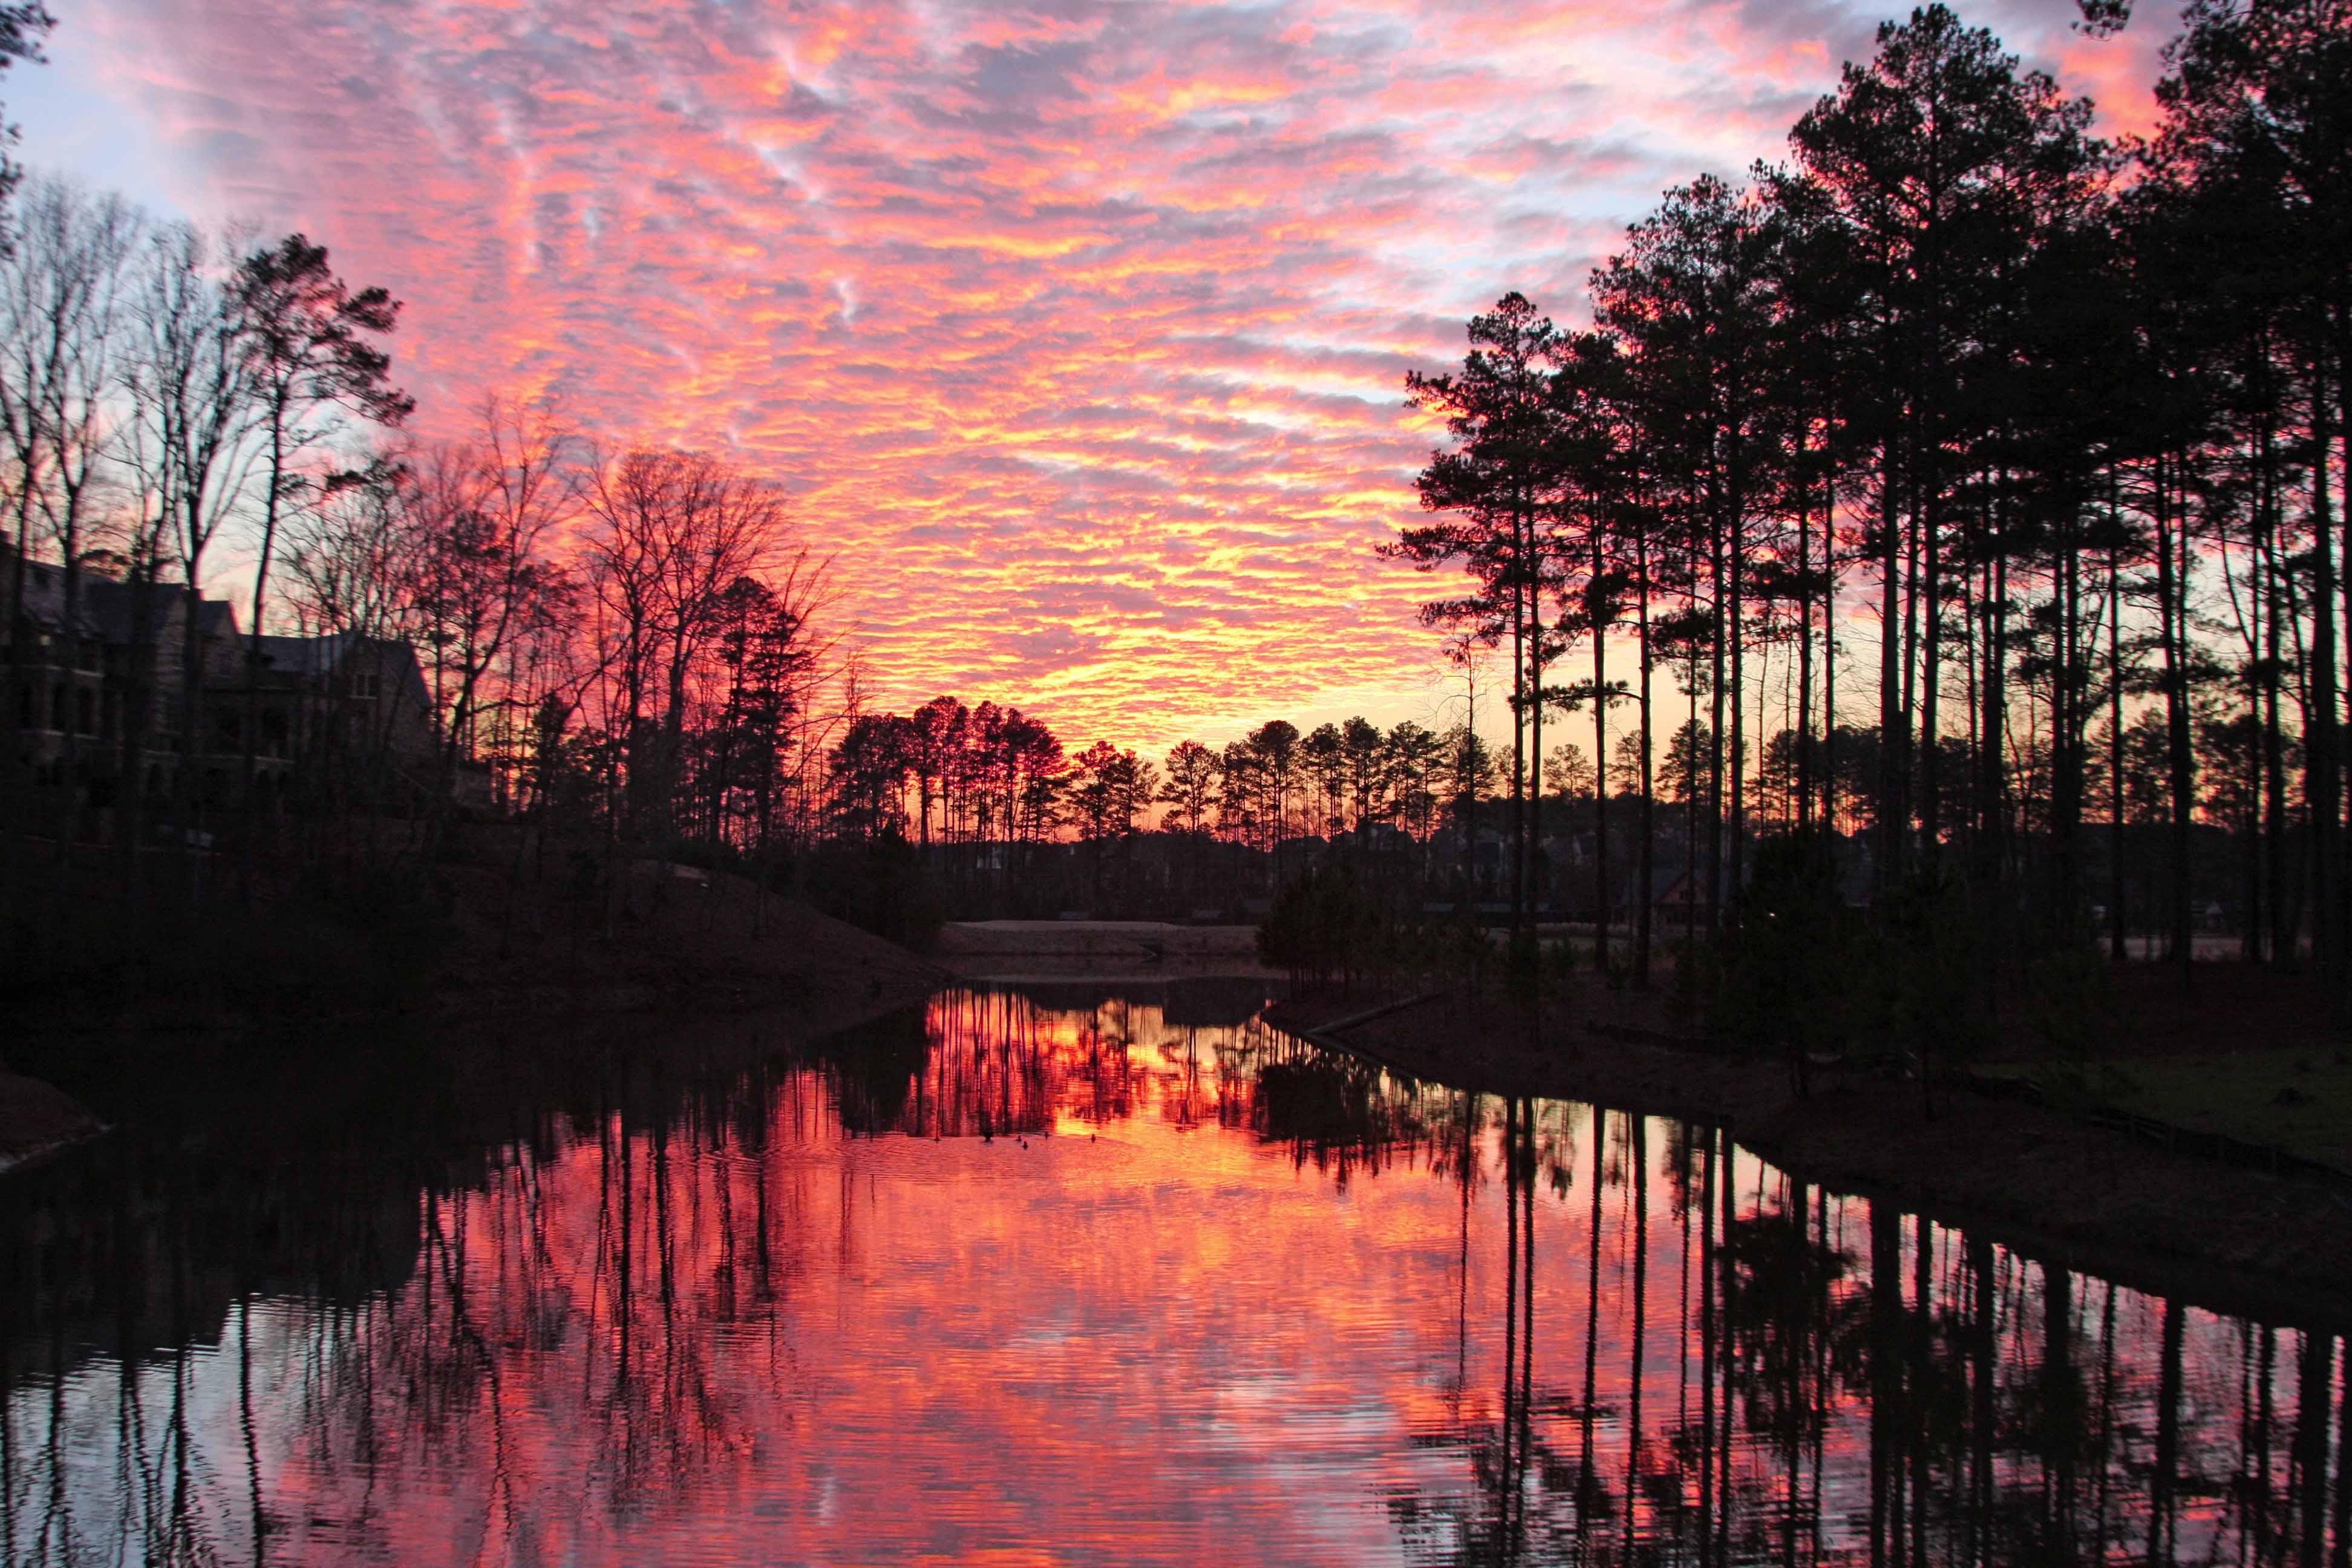 Victory Lake Sunset Reflection